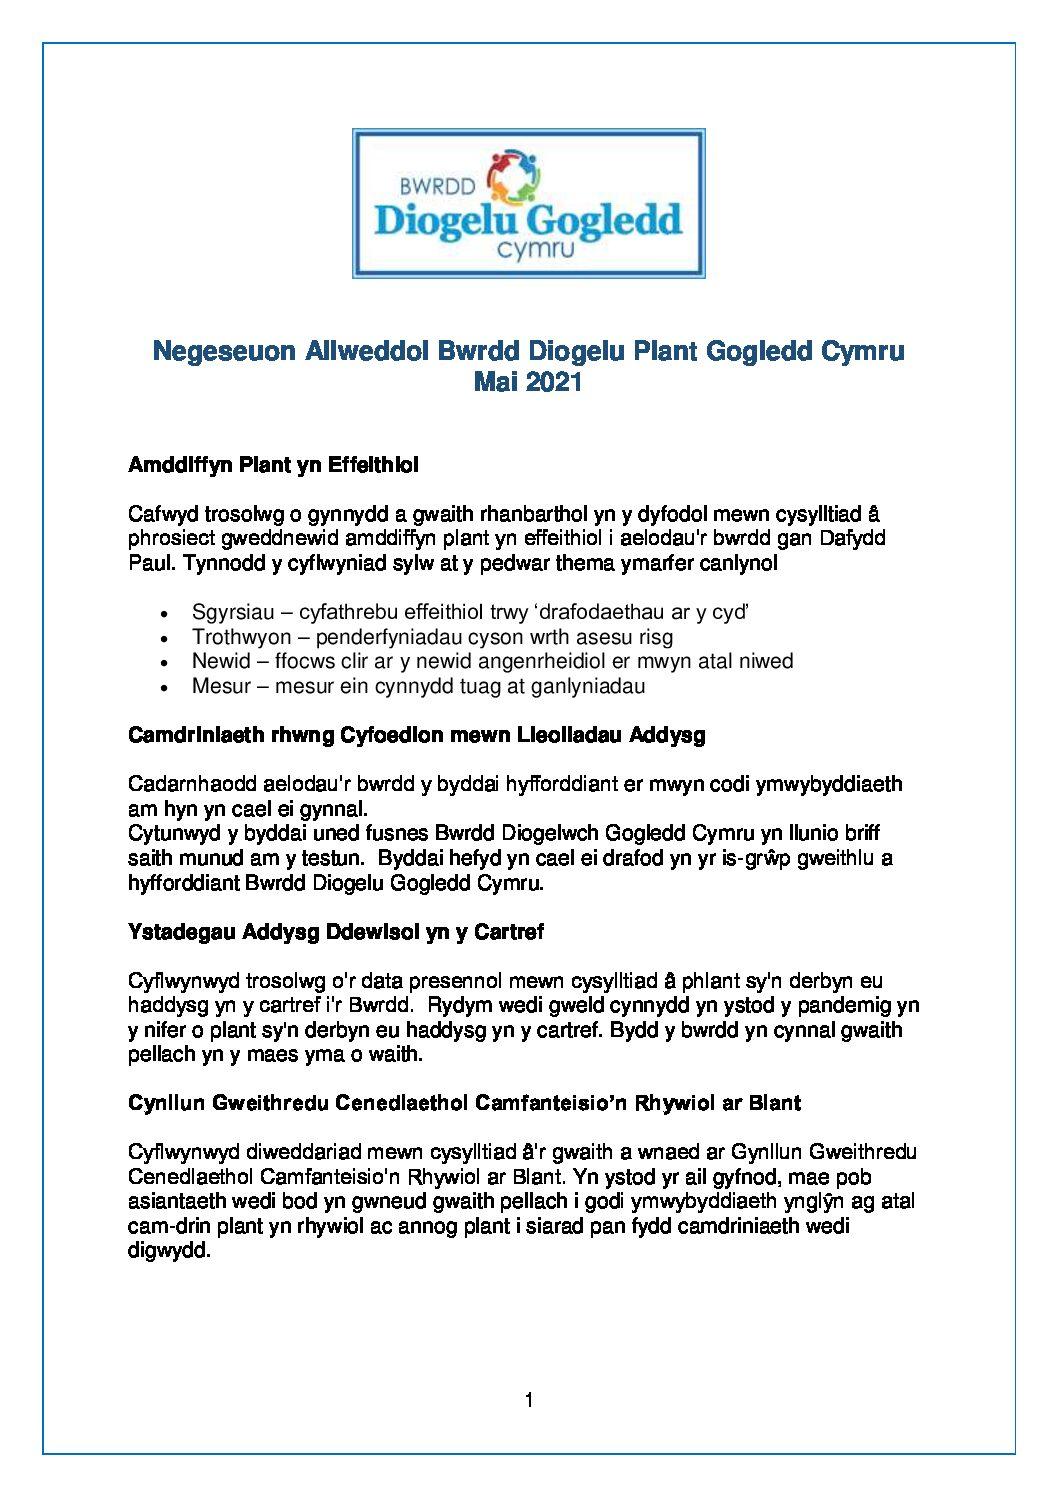 Negeseuon Allweddol Bwrdd Diogelu Plant Gogledd Cymru Mai 2021